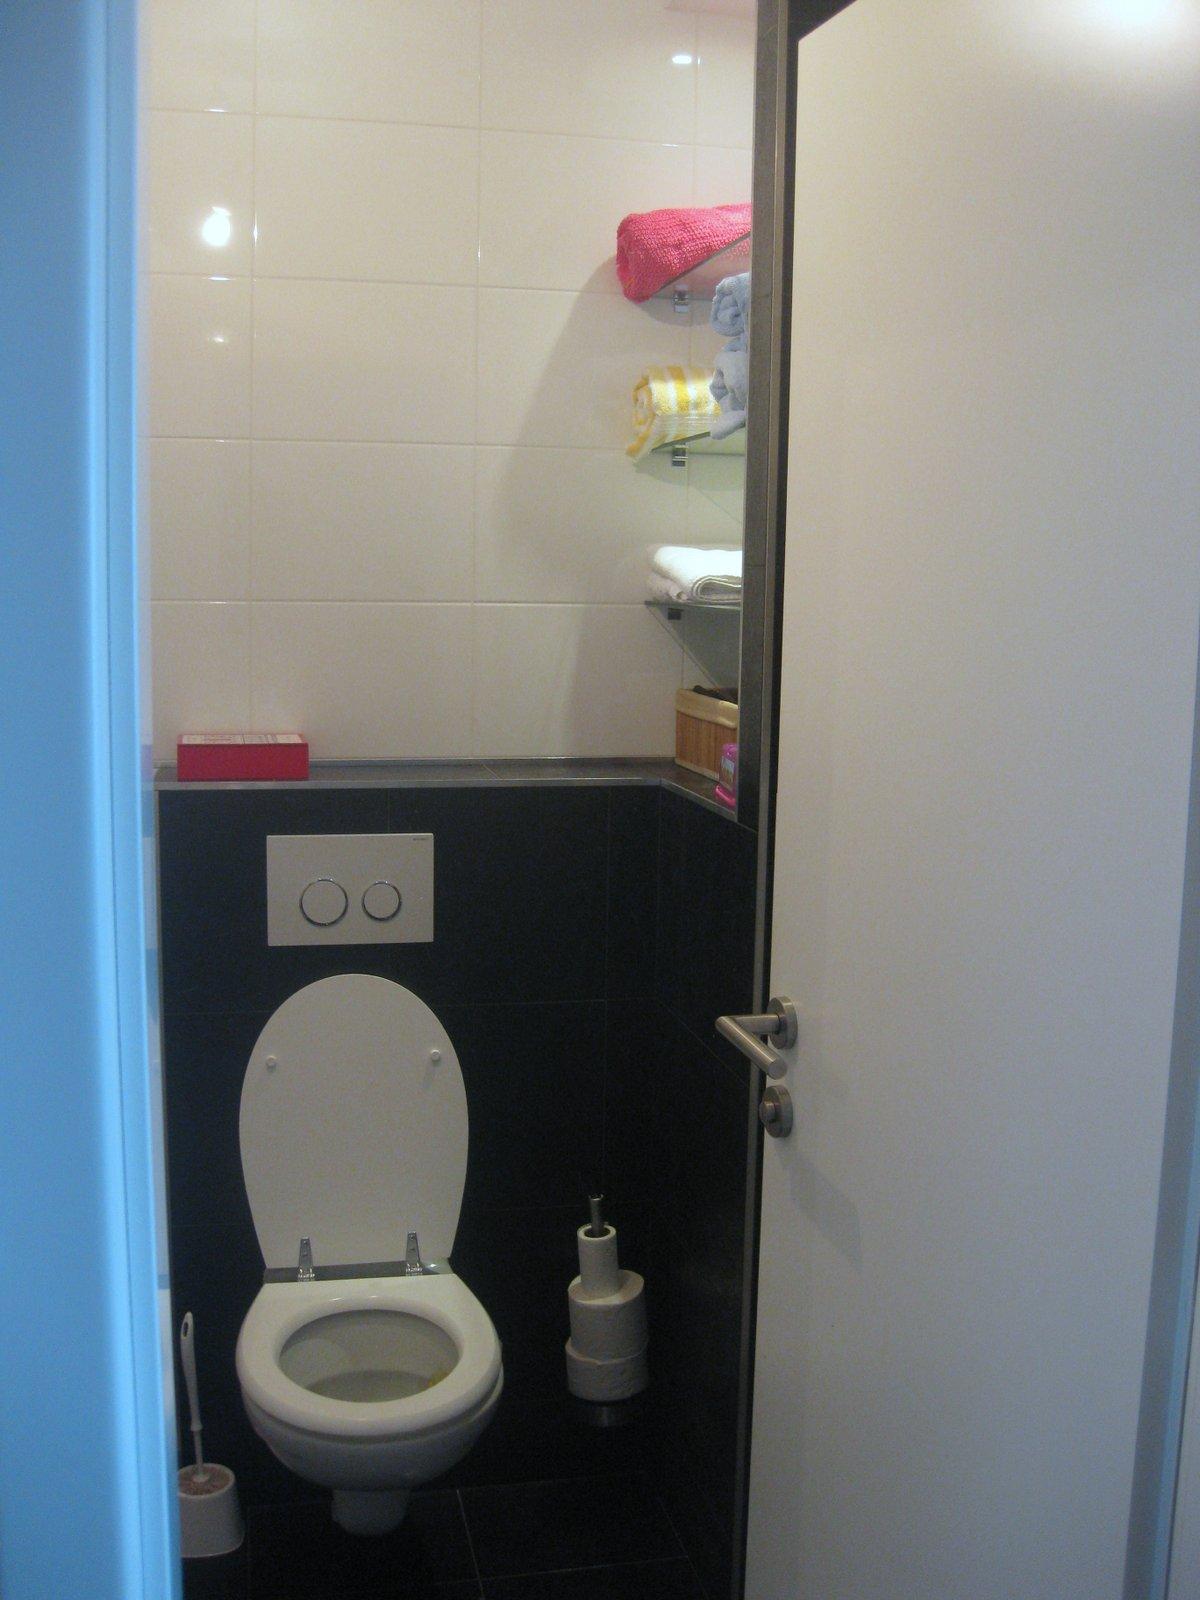 Ana u svijetu dizajna: Slike kupaonice